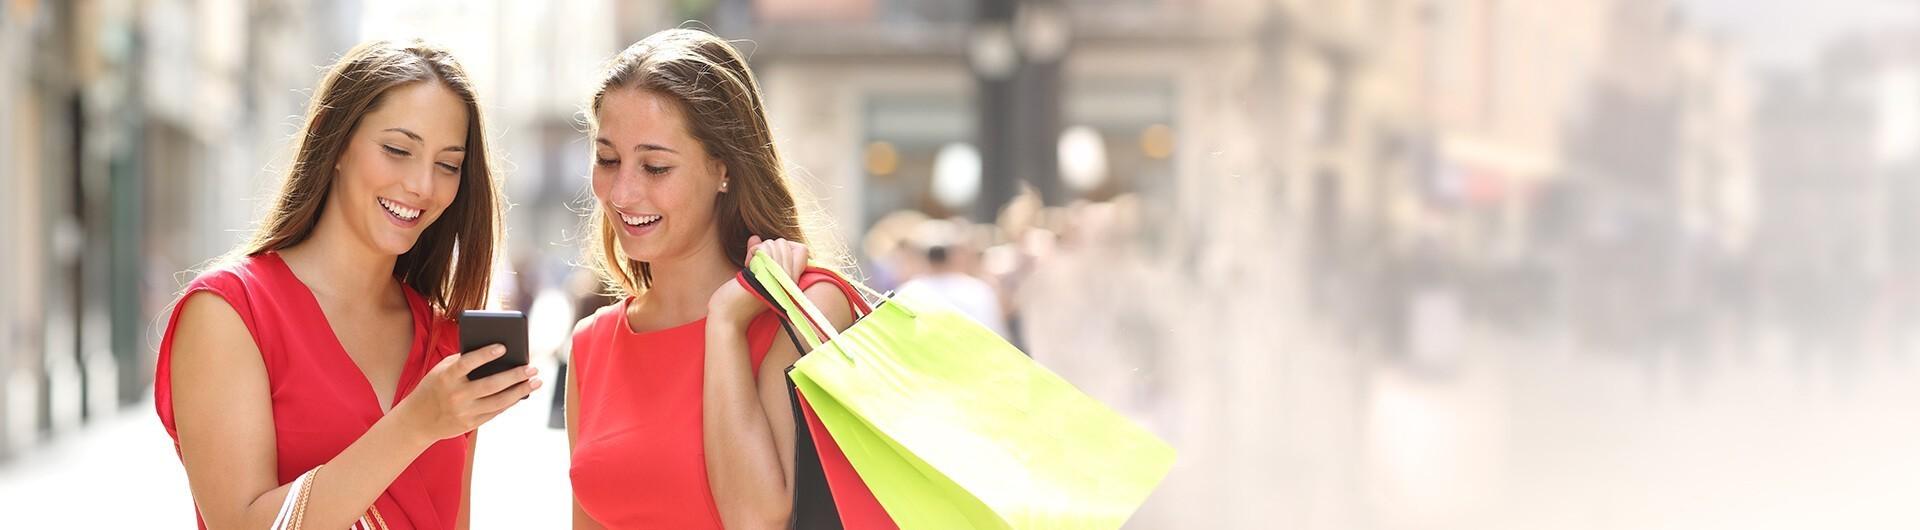 פתיחת חנות אינטרנטית מוצלחת - טיפים לחנות וירטואלית טובה